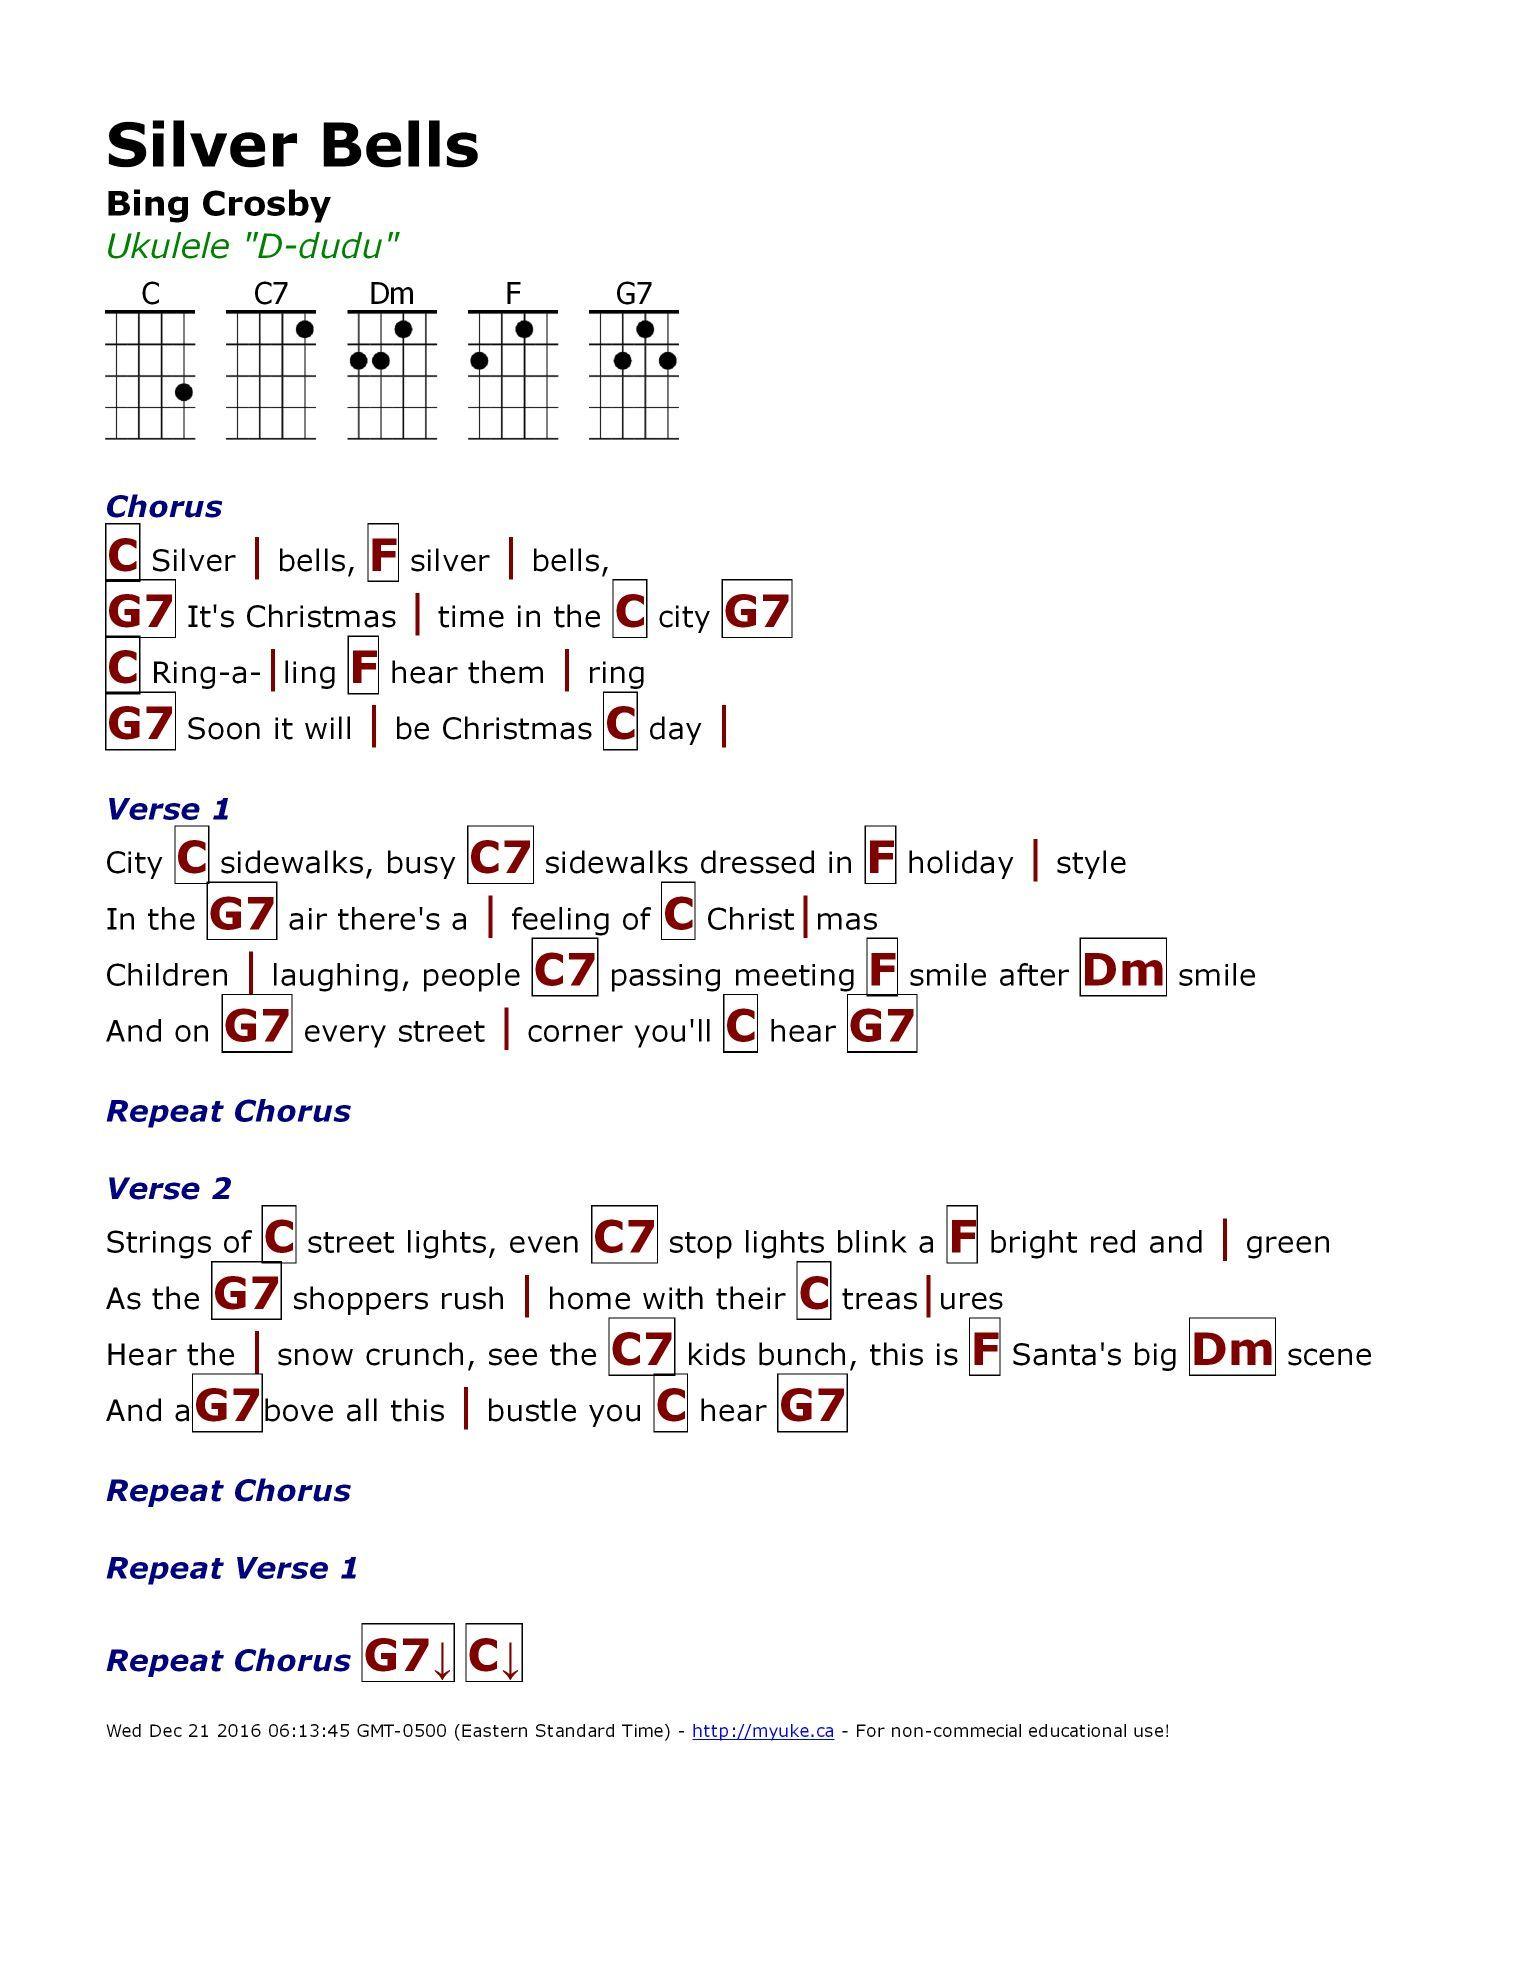 Pin by pamela withrow on ukulele pinterest bing crosby songs ukulele tabs ukulele chords guitar songs hawaiian ukulele songs xmas songs xmas music christmas music christmas ukulele learning guitar hexwebz Image collections